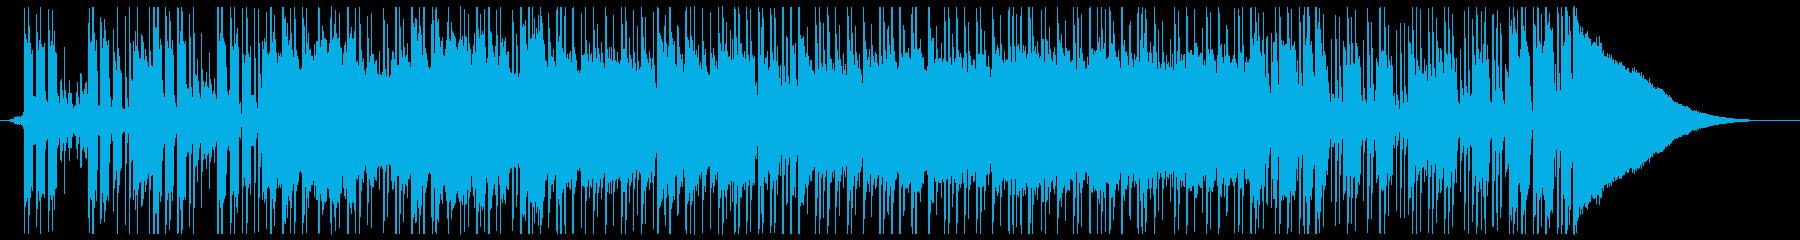 ストイックでクールなギターインストの再生済みの波形